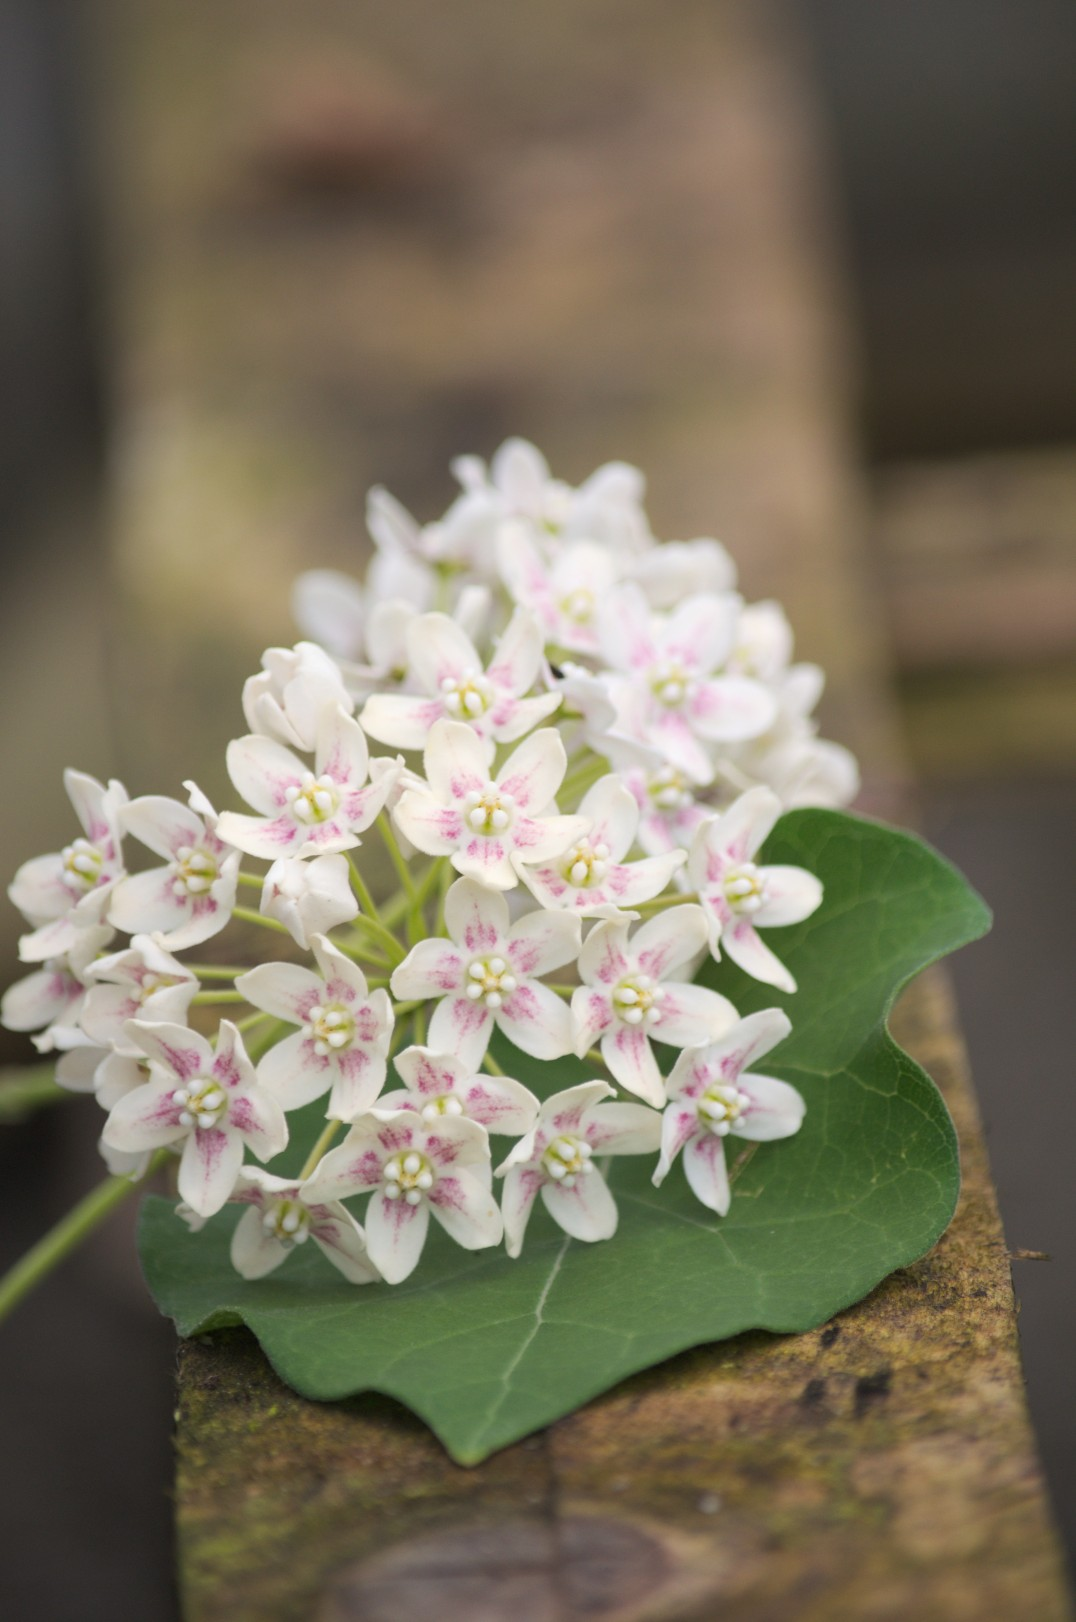 Wattakaka sinensis - ©Pépinières Travers - www.clematite.net a reçu en 2009, le Mérite de Courson lors des journées des plantes.